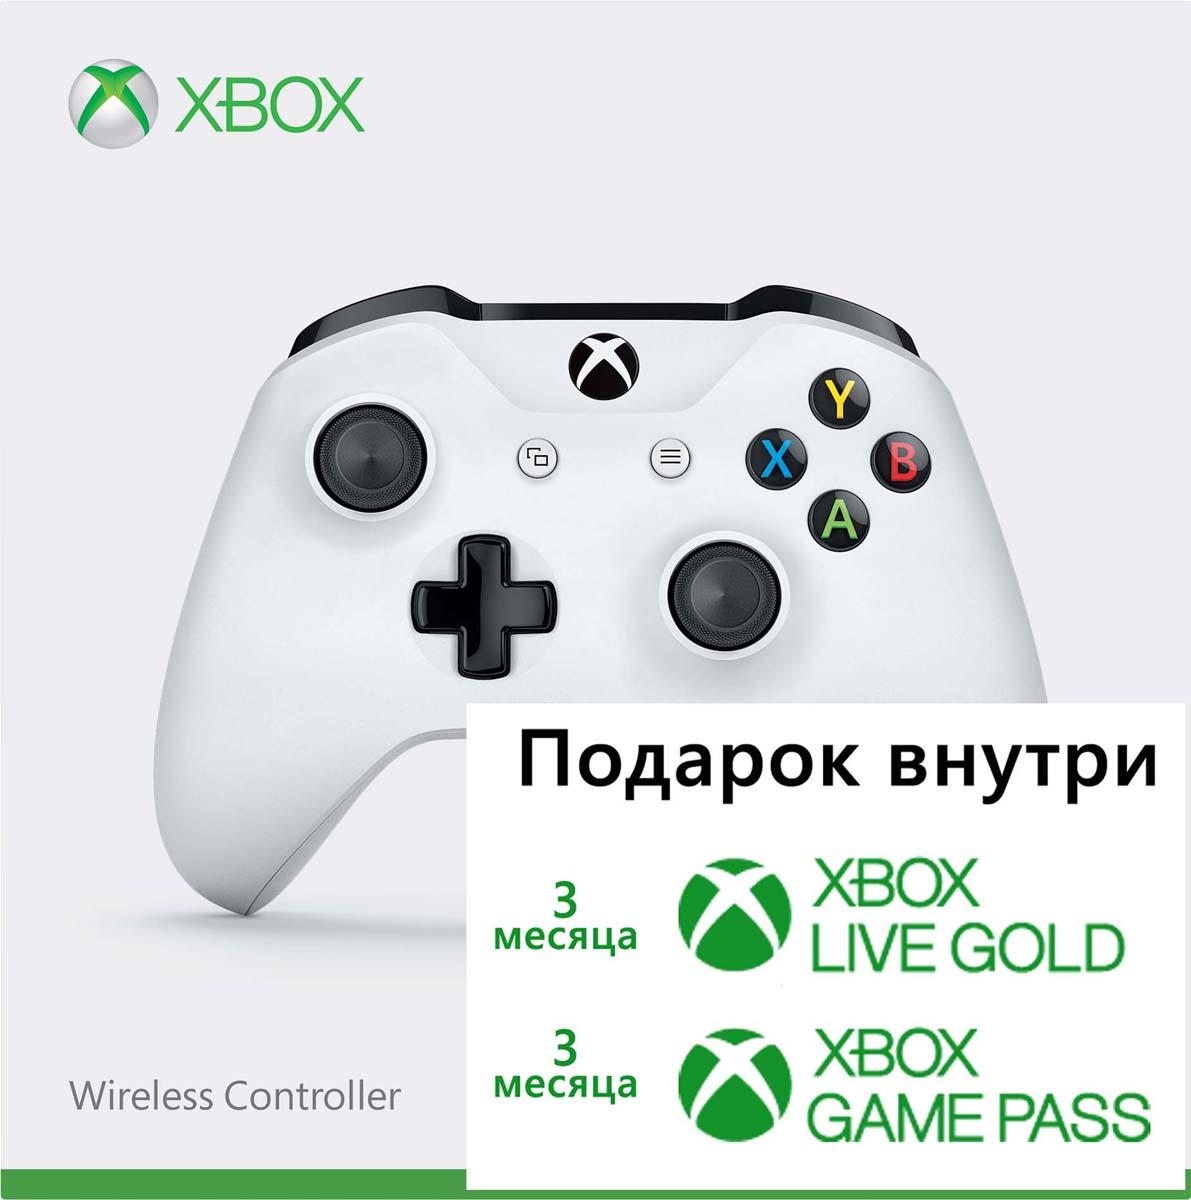 Геймпад беспроводной Microsoft Xbox One + 3м Xbox Live, 3м Game Pass, 41837, белый геймпад беспроводной microsoft controller for xbox one [wl3 00090] [xbox one] combat tech